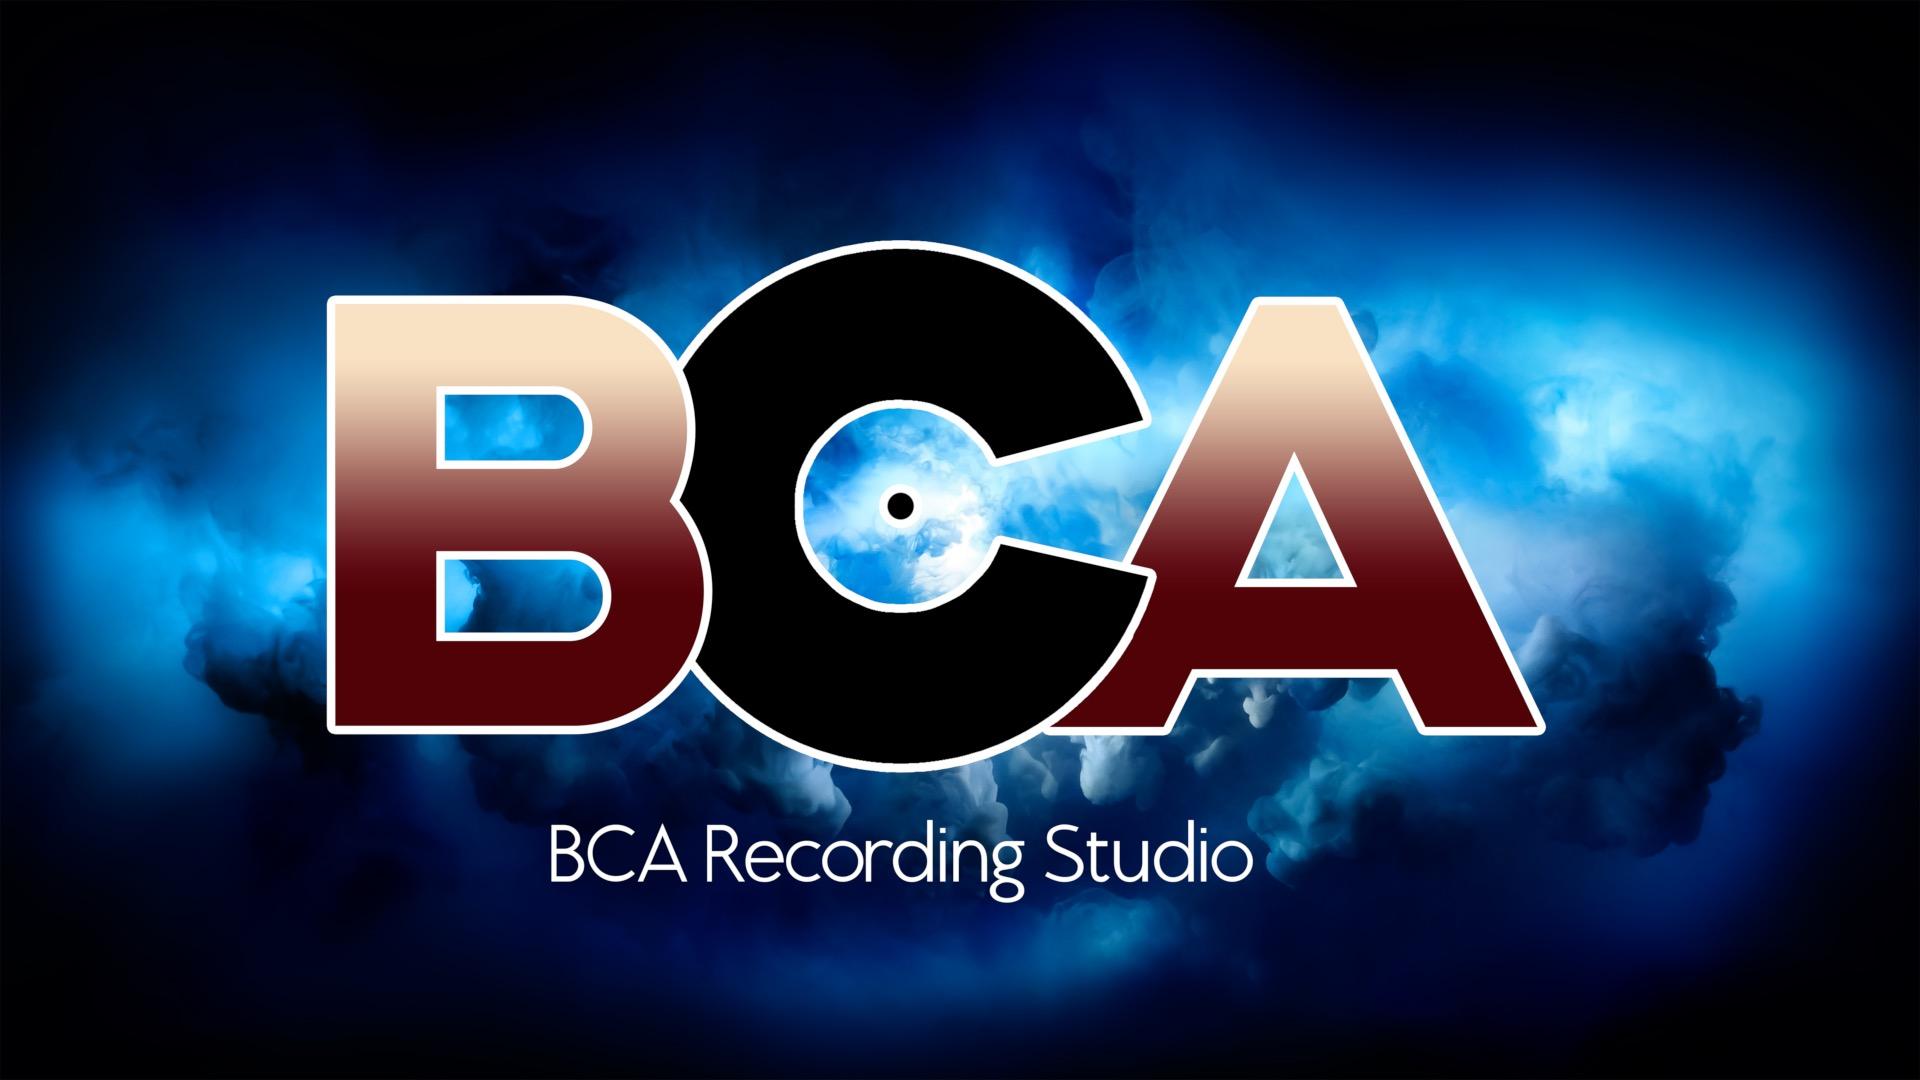 BCA Recording Studio